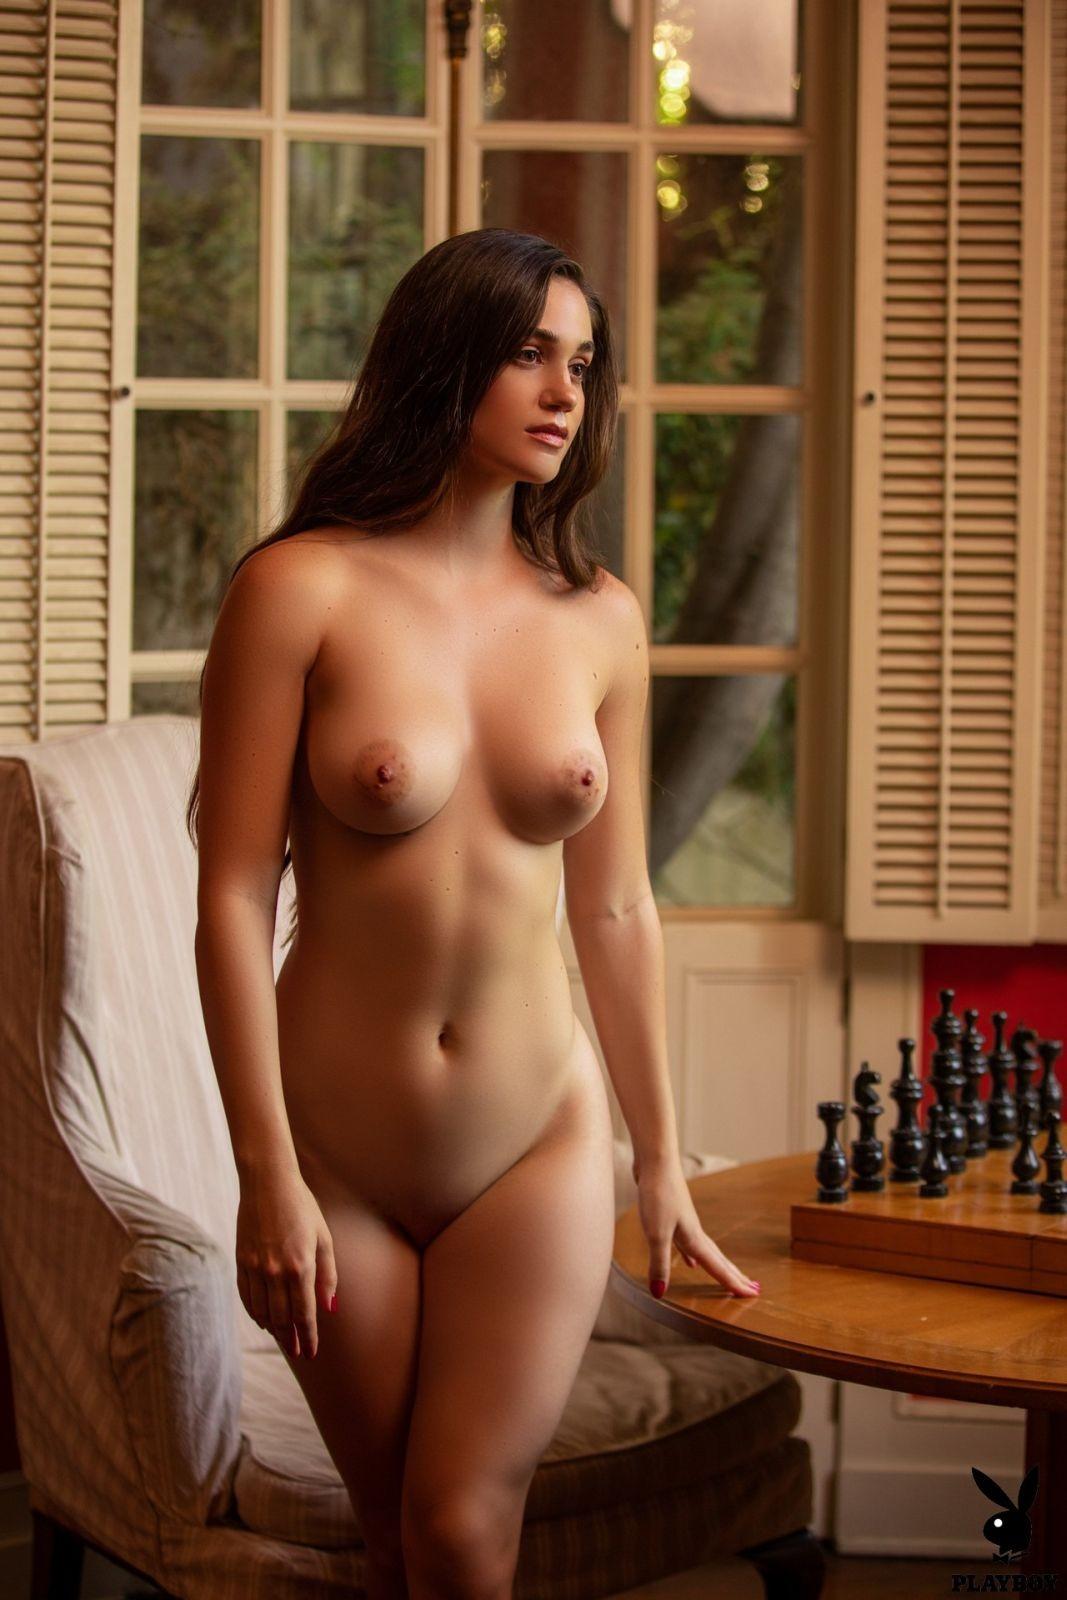 Обнажённая модель с большими бедрами - фото